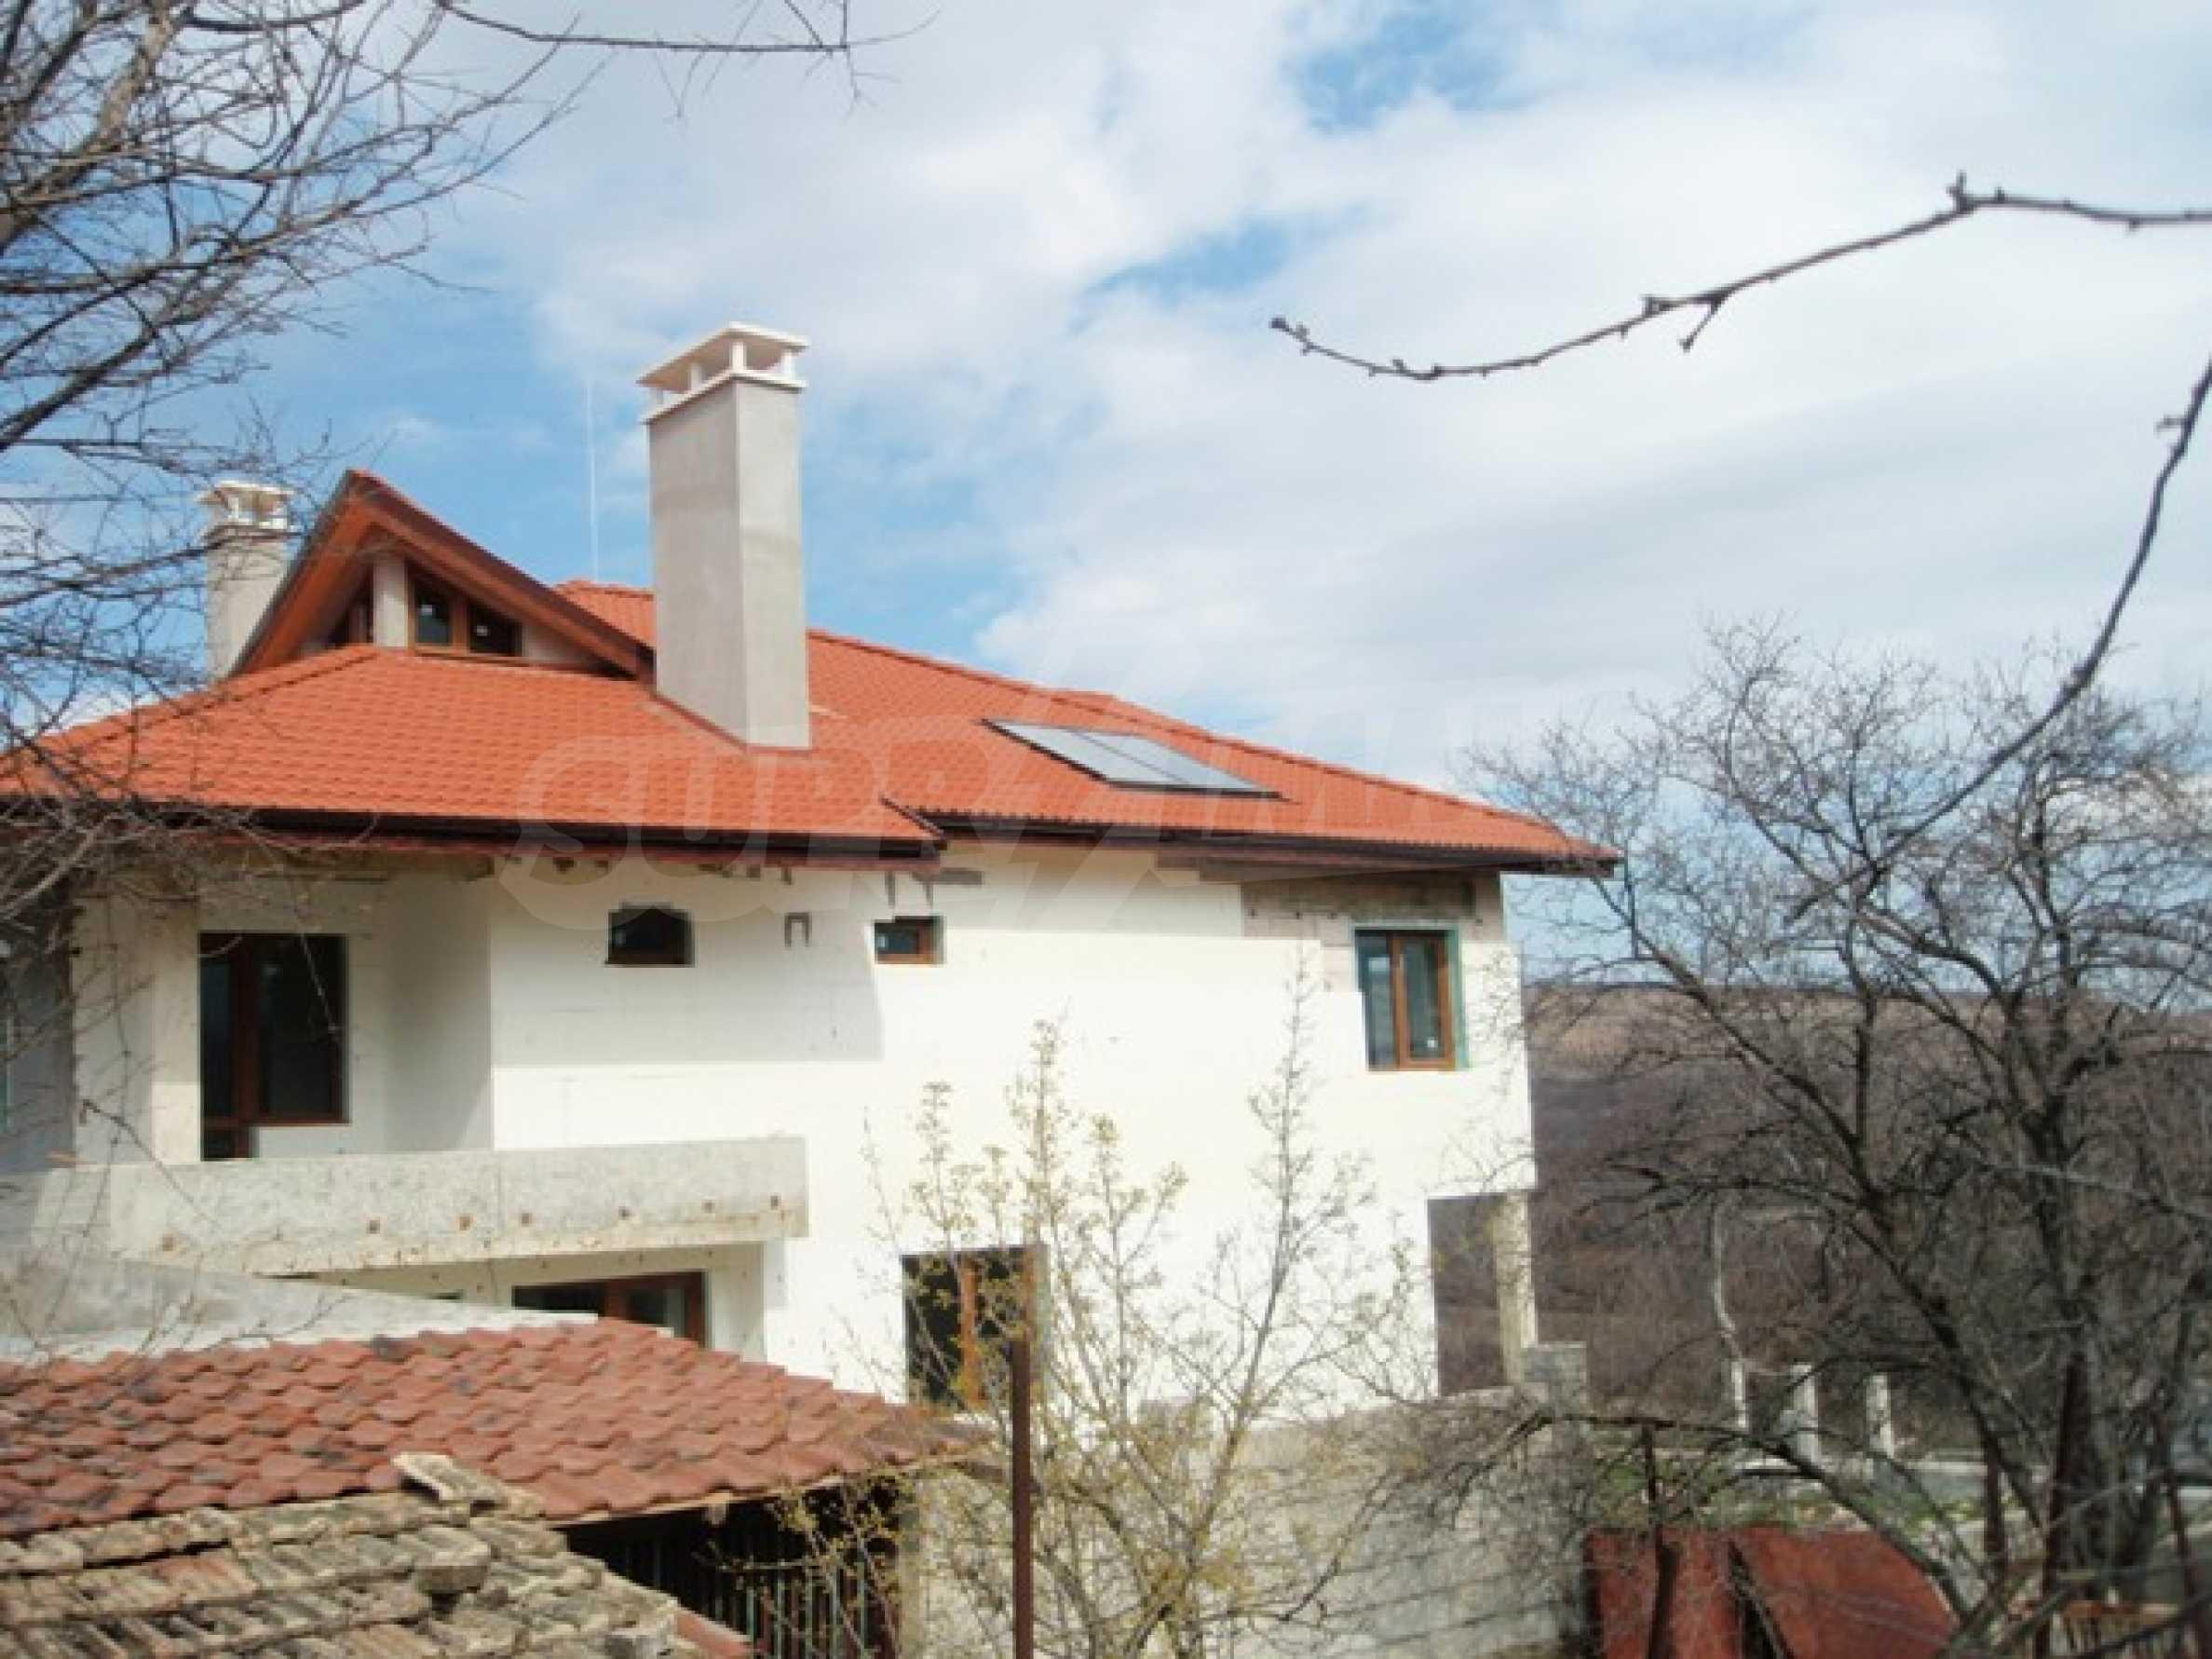 Rural house near the sea 2